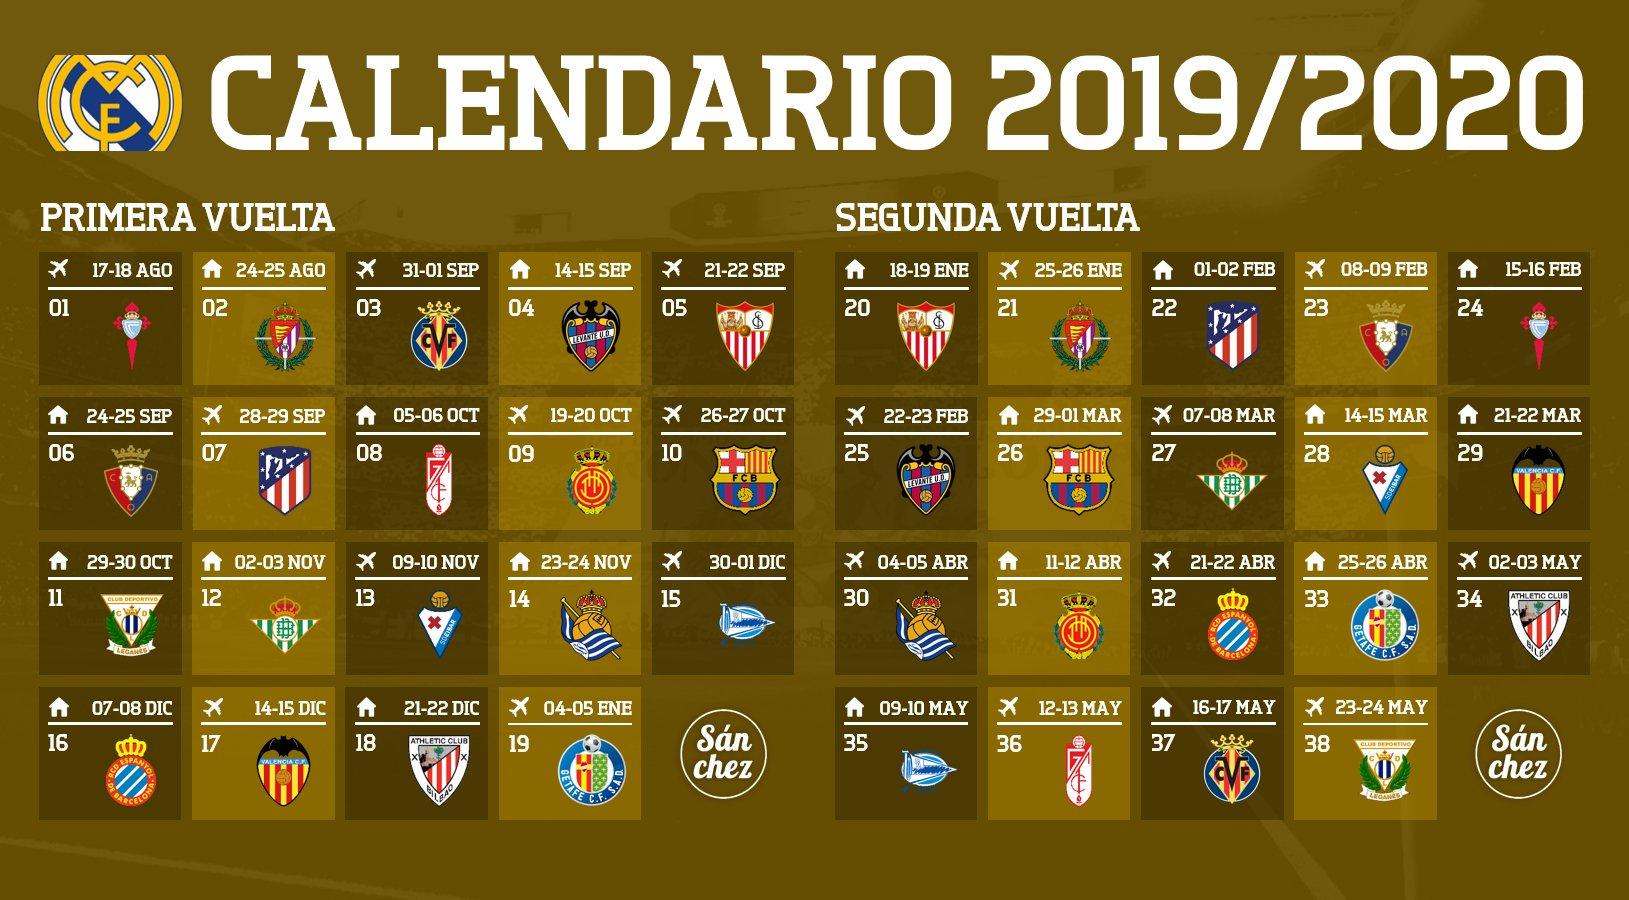 Calendario La Liga 2019.Noticias Calendario Del Real Madrid Para La Liga 2019 20 El